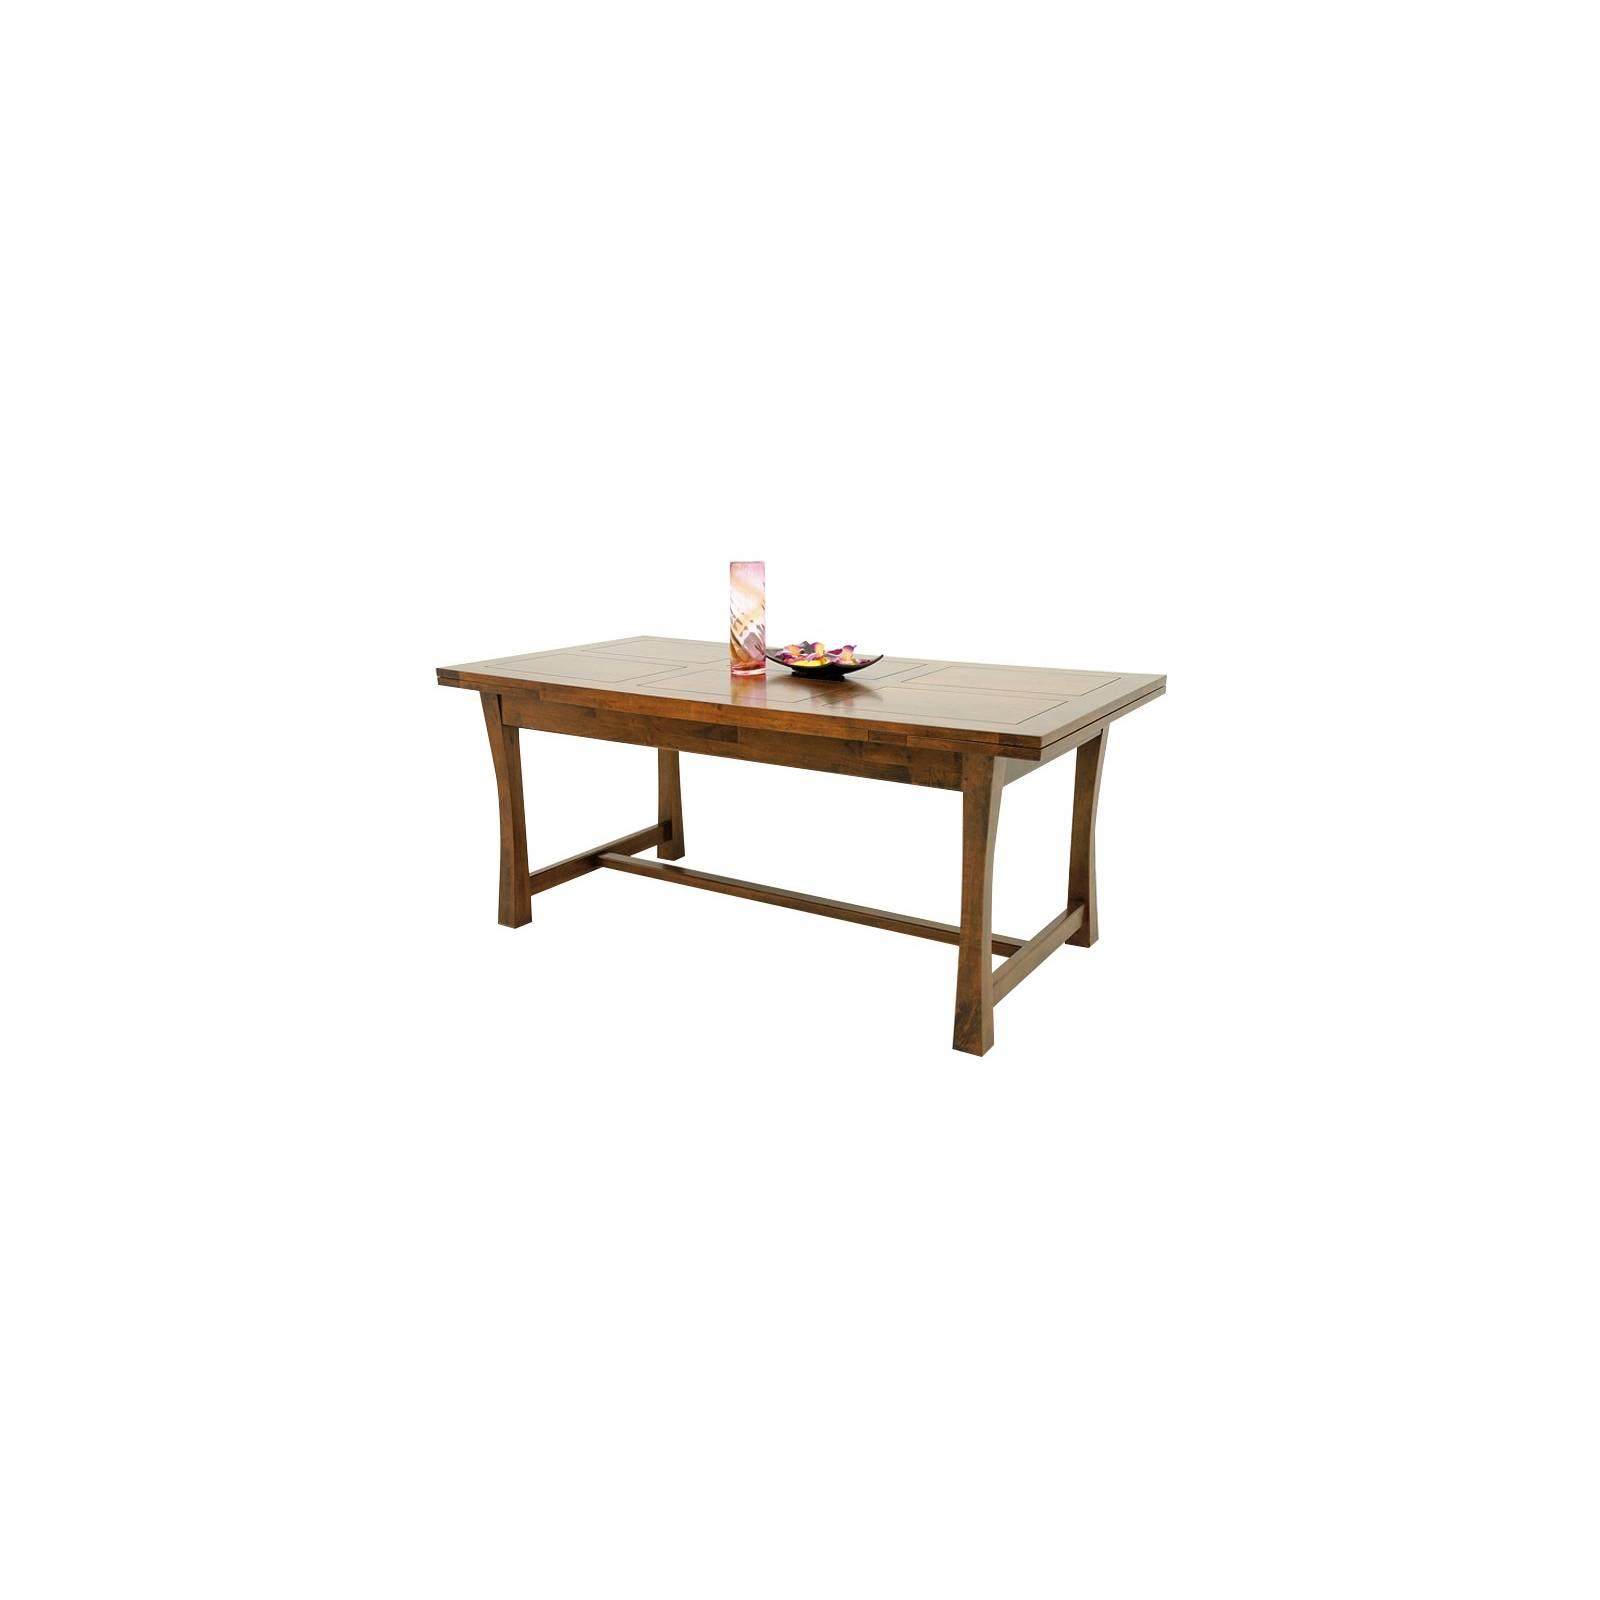 Table Repas + Rallonges Chine Hévéa - meuble bois exotique